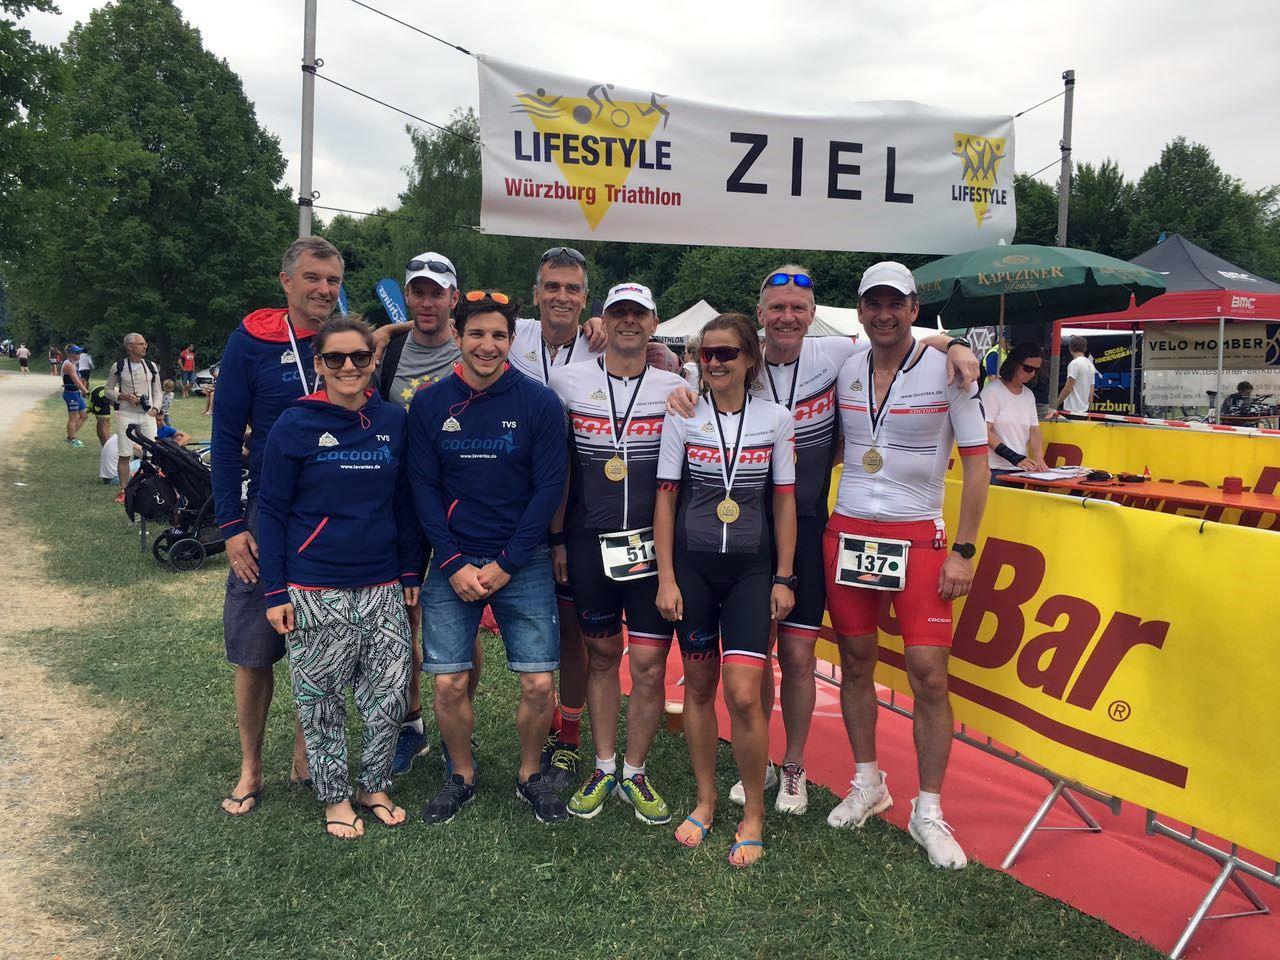 Triathleten des TV Schweinheim beim Lifestyle Triathlon Würzburg 2017 (Gruppenbild)